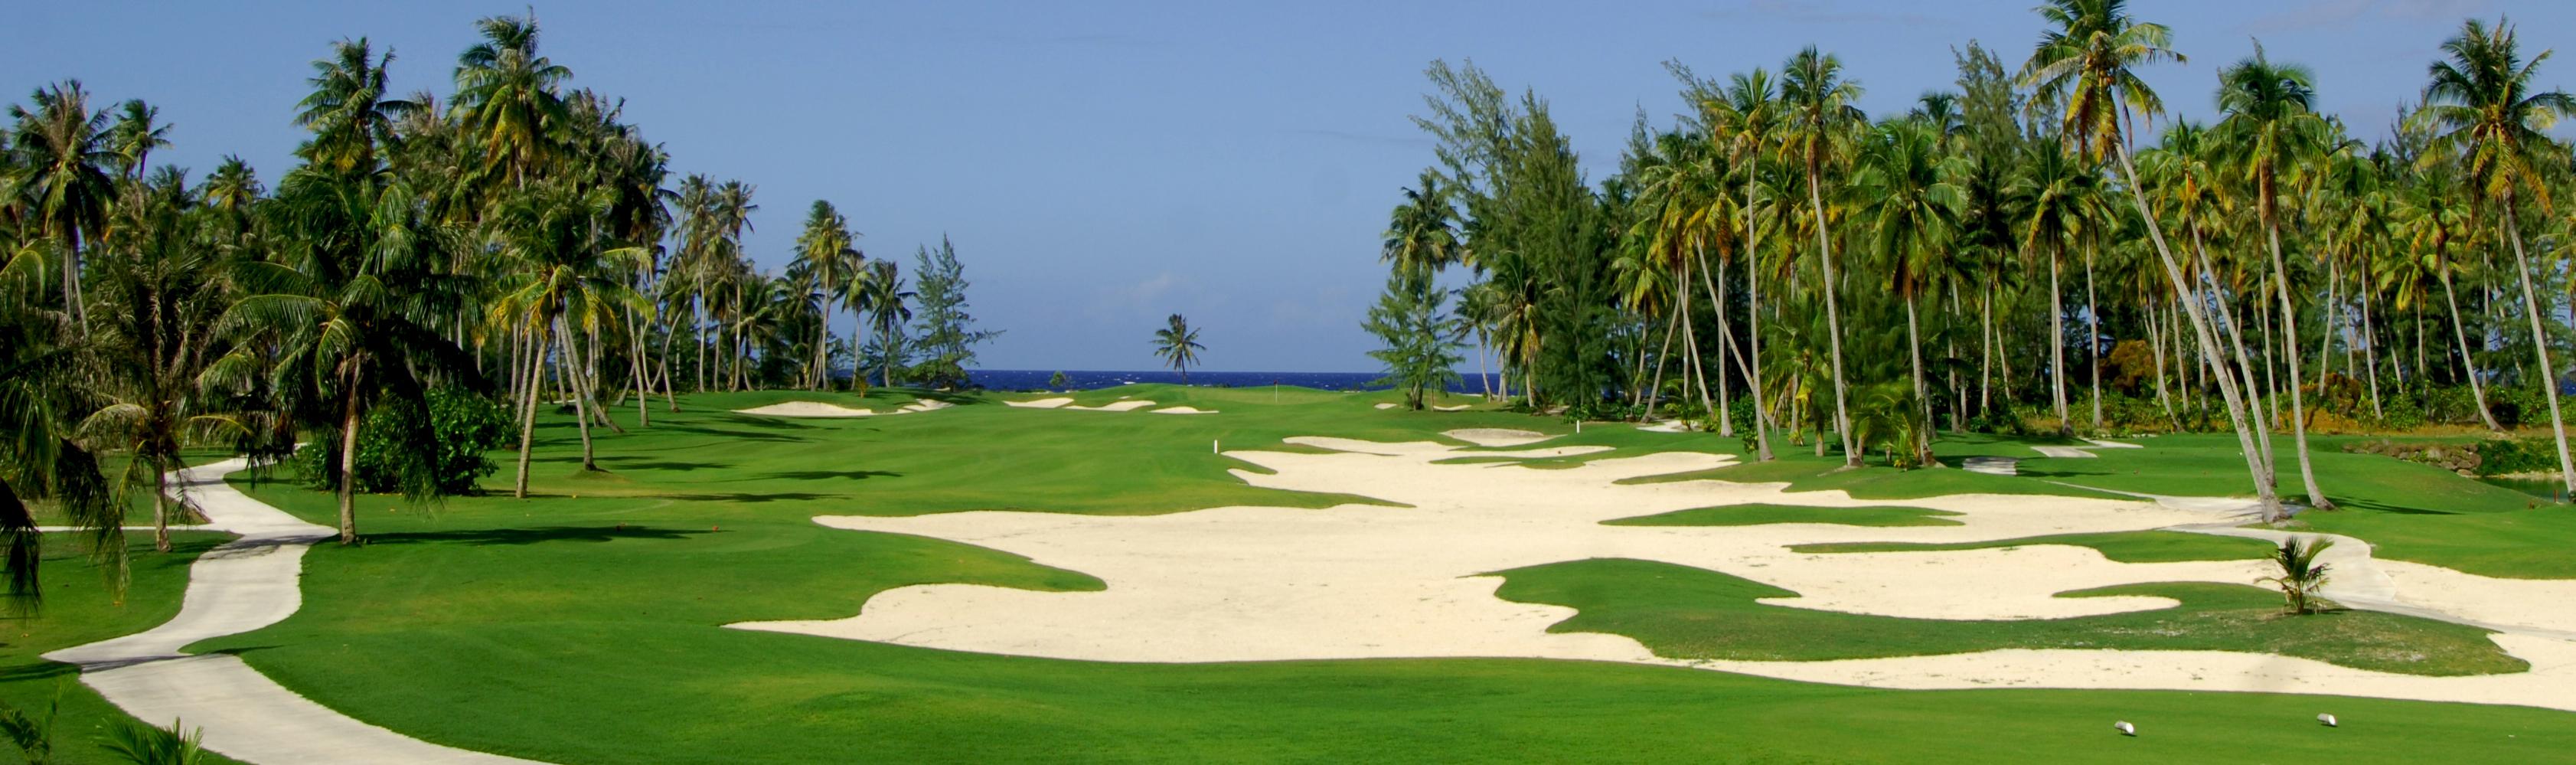 faire une partie de golf tahiti et ses les tahiti tourisme. Black Bedroom Furniture Sets. Home Design Ideas